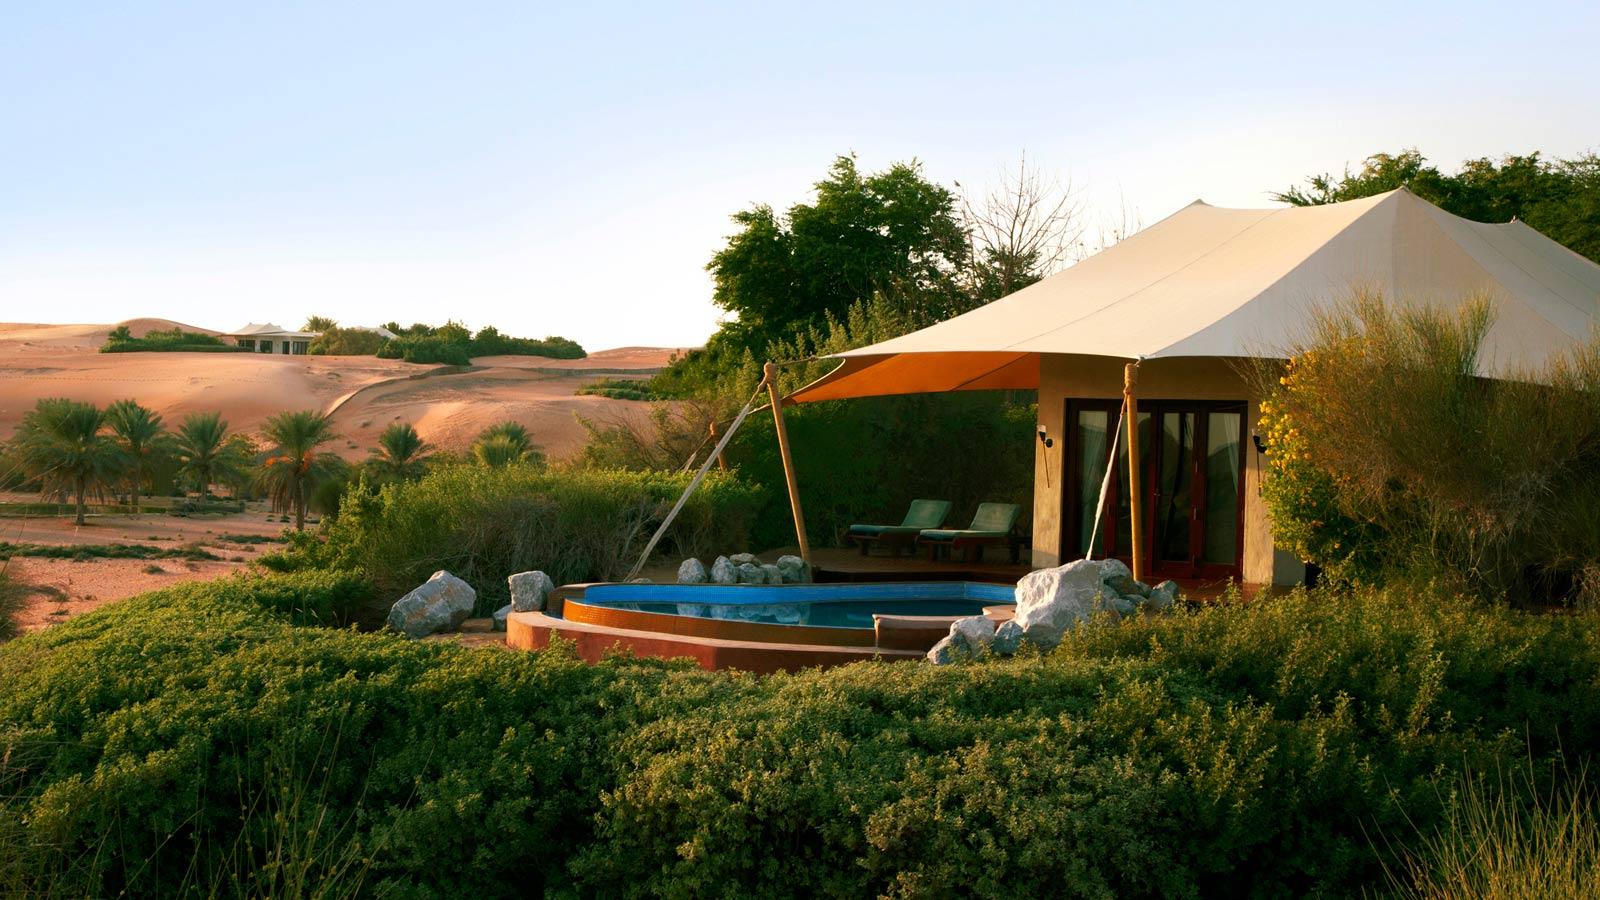 al-maha-desert-resort-spa-4.jpg